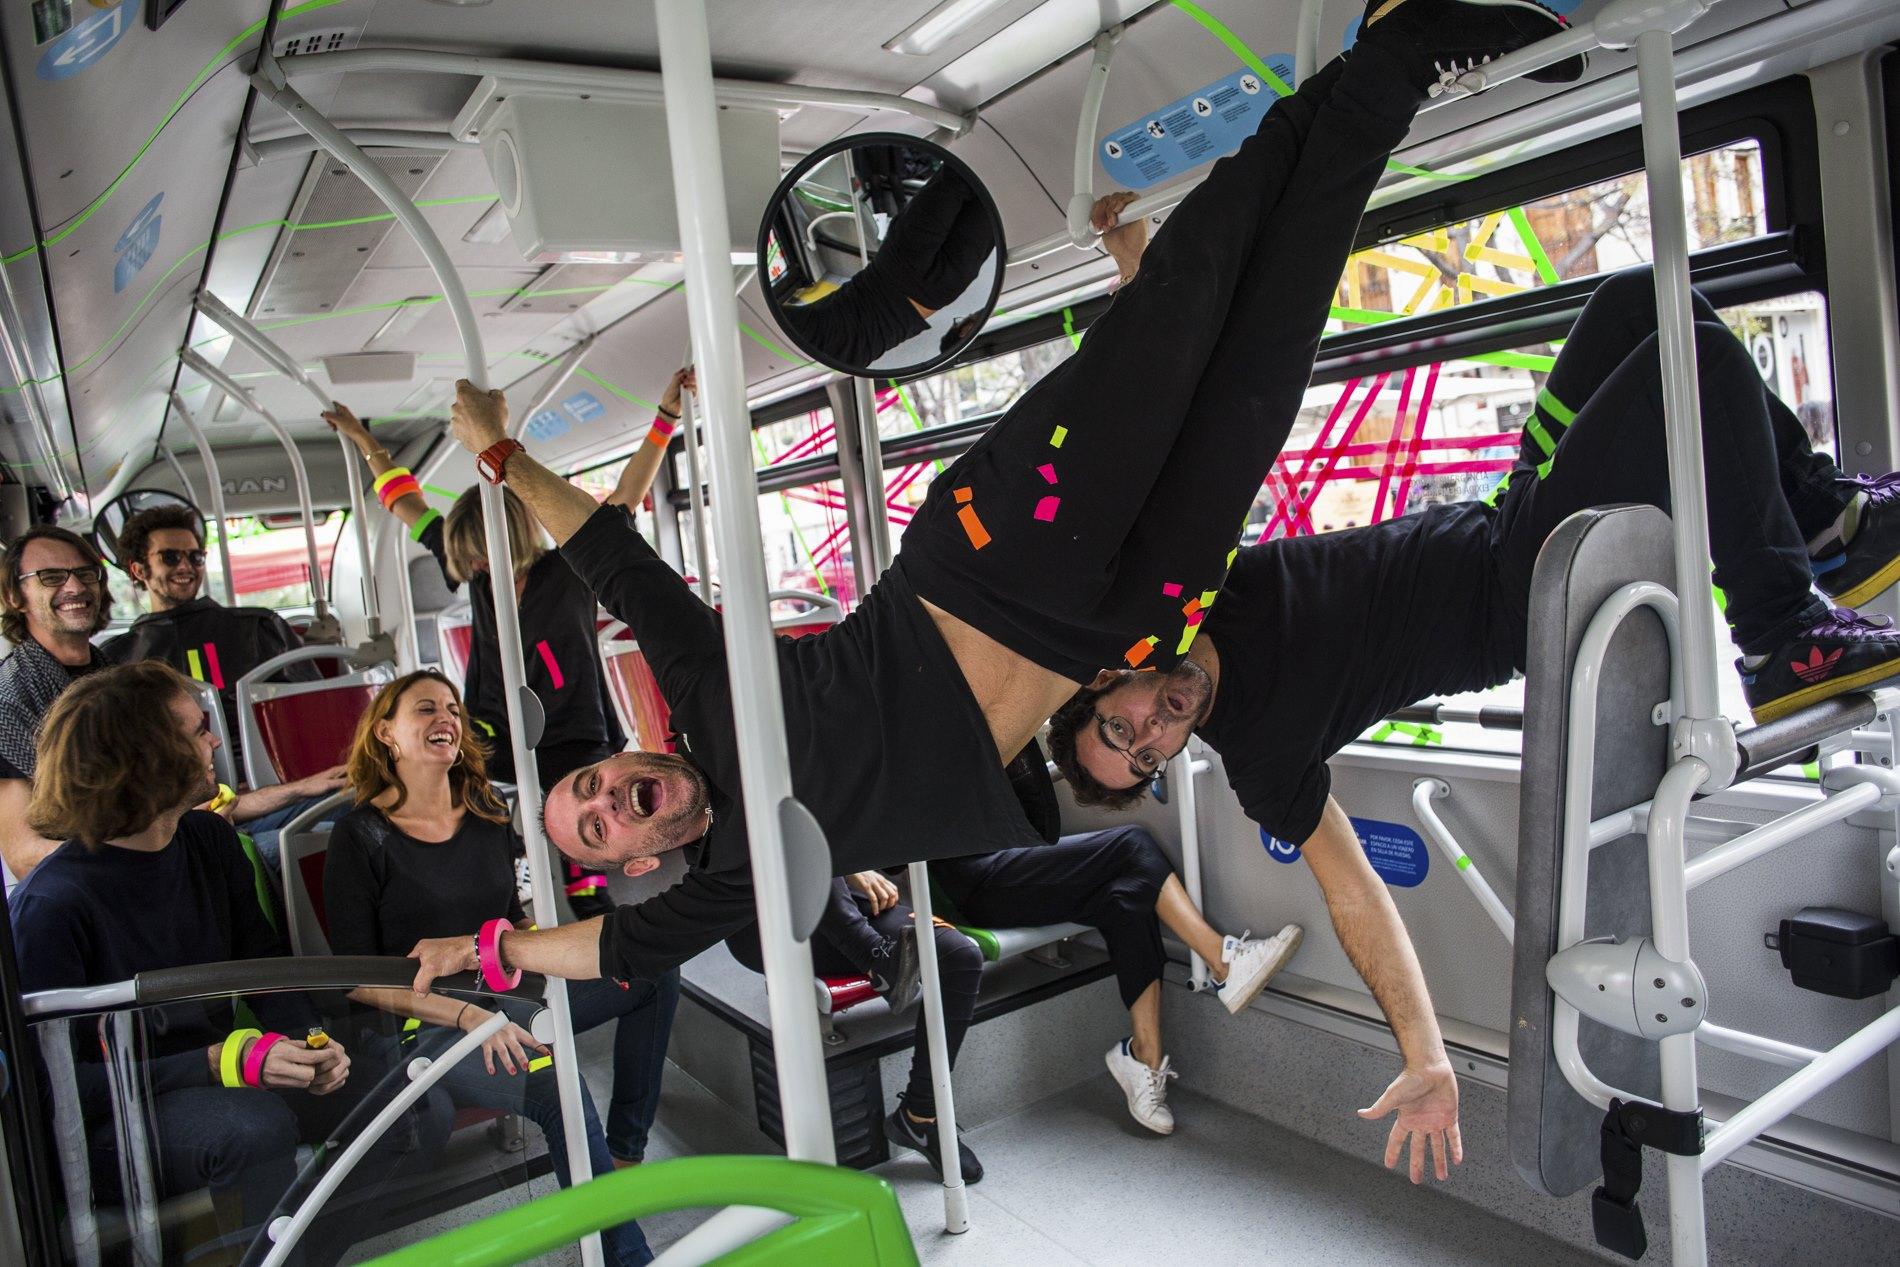 El Colectivo Tape Art Society (TAP) en una de sus 'performances' en el transporte público valenciano.